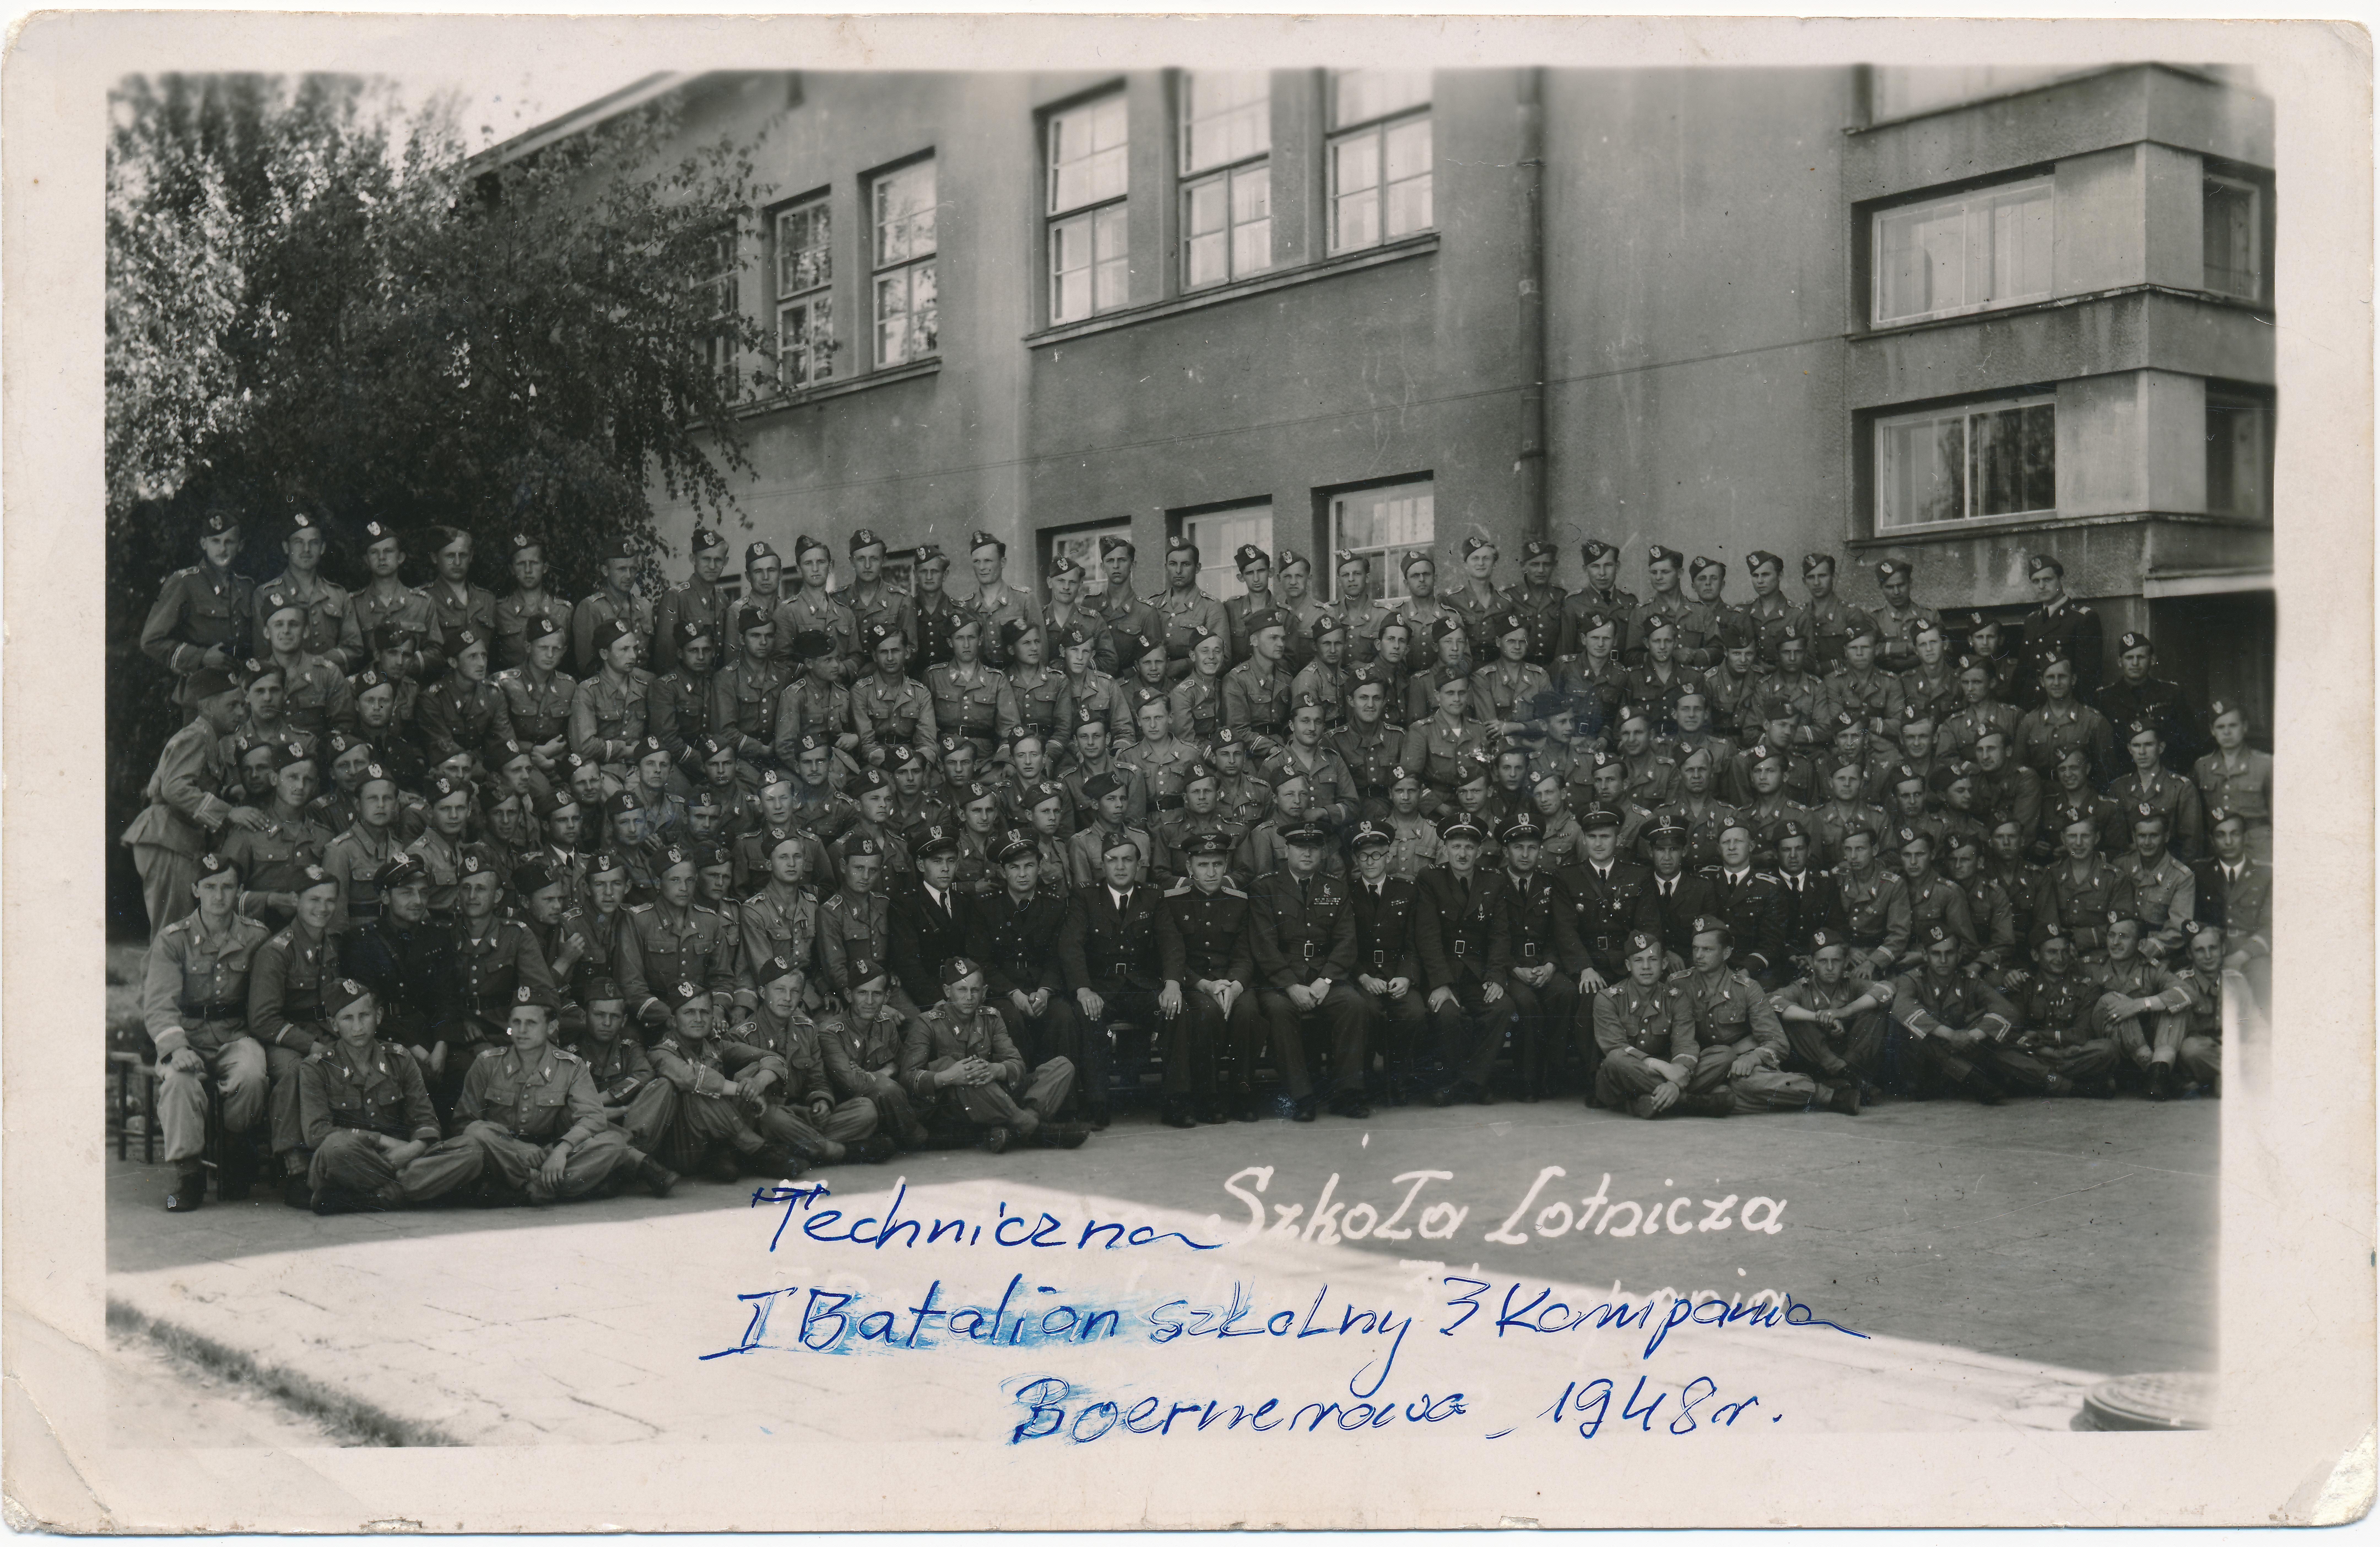 Zdjęcie z rodzinnego albumu pana Sławomira Jóźwik. Podpis na zdjęciu w białym kolorze wykonał fotograf. Piórem poprawił Franciszek Jóźwik